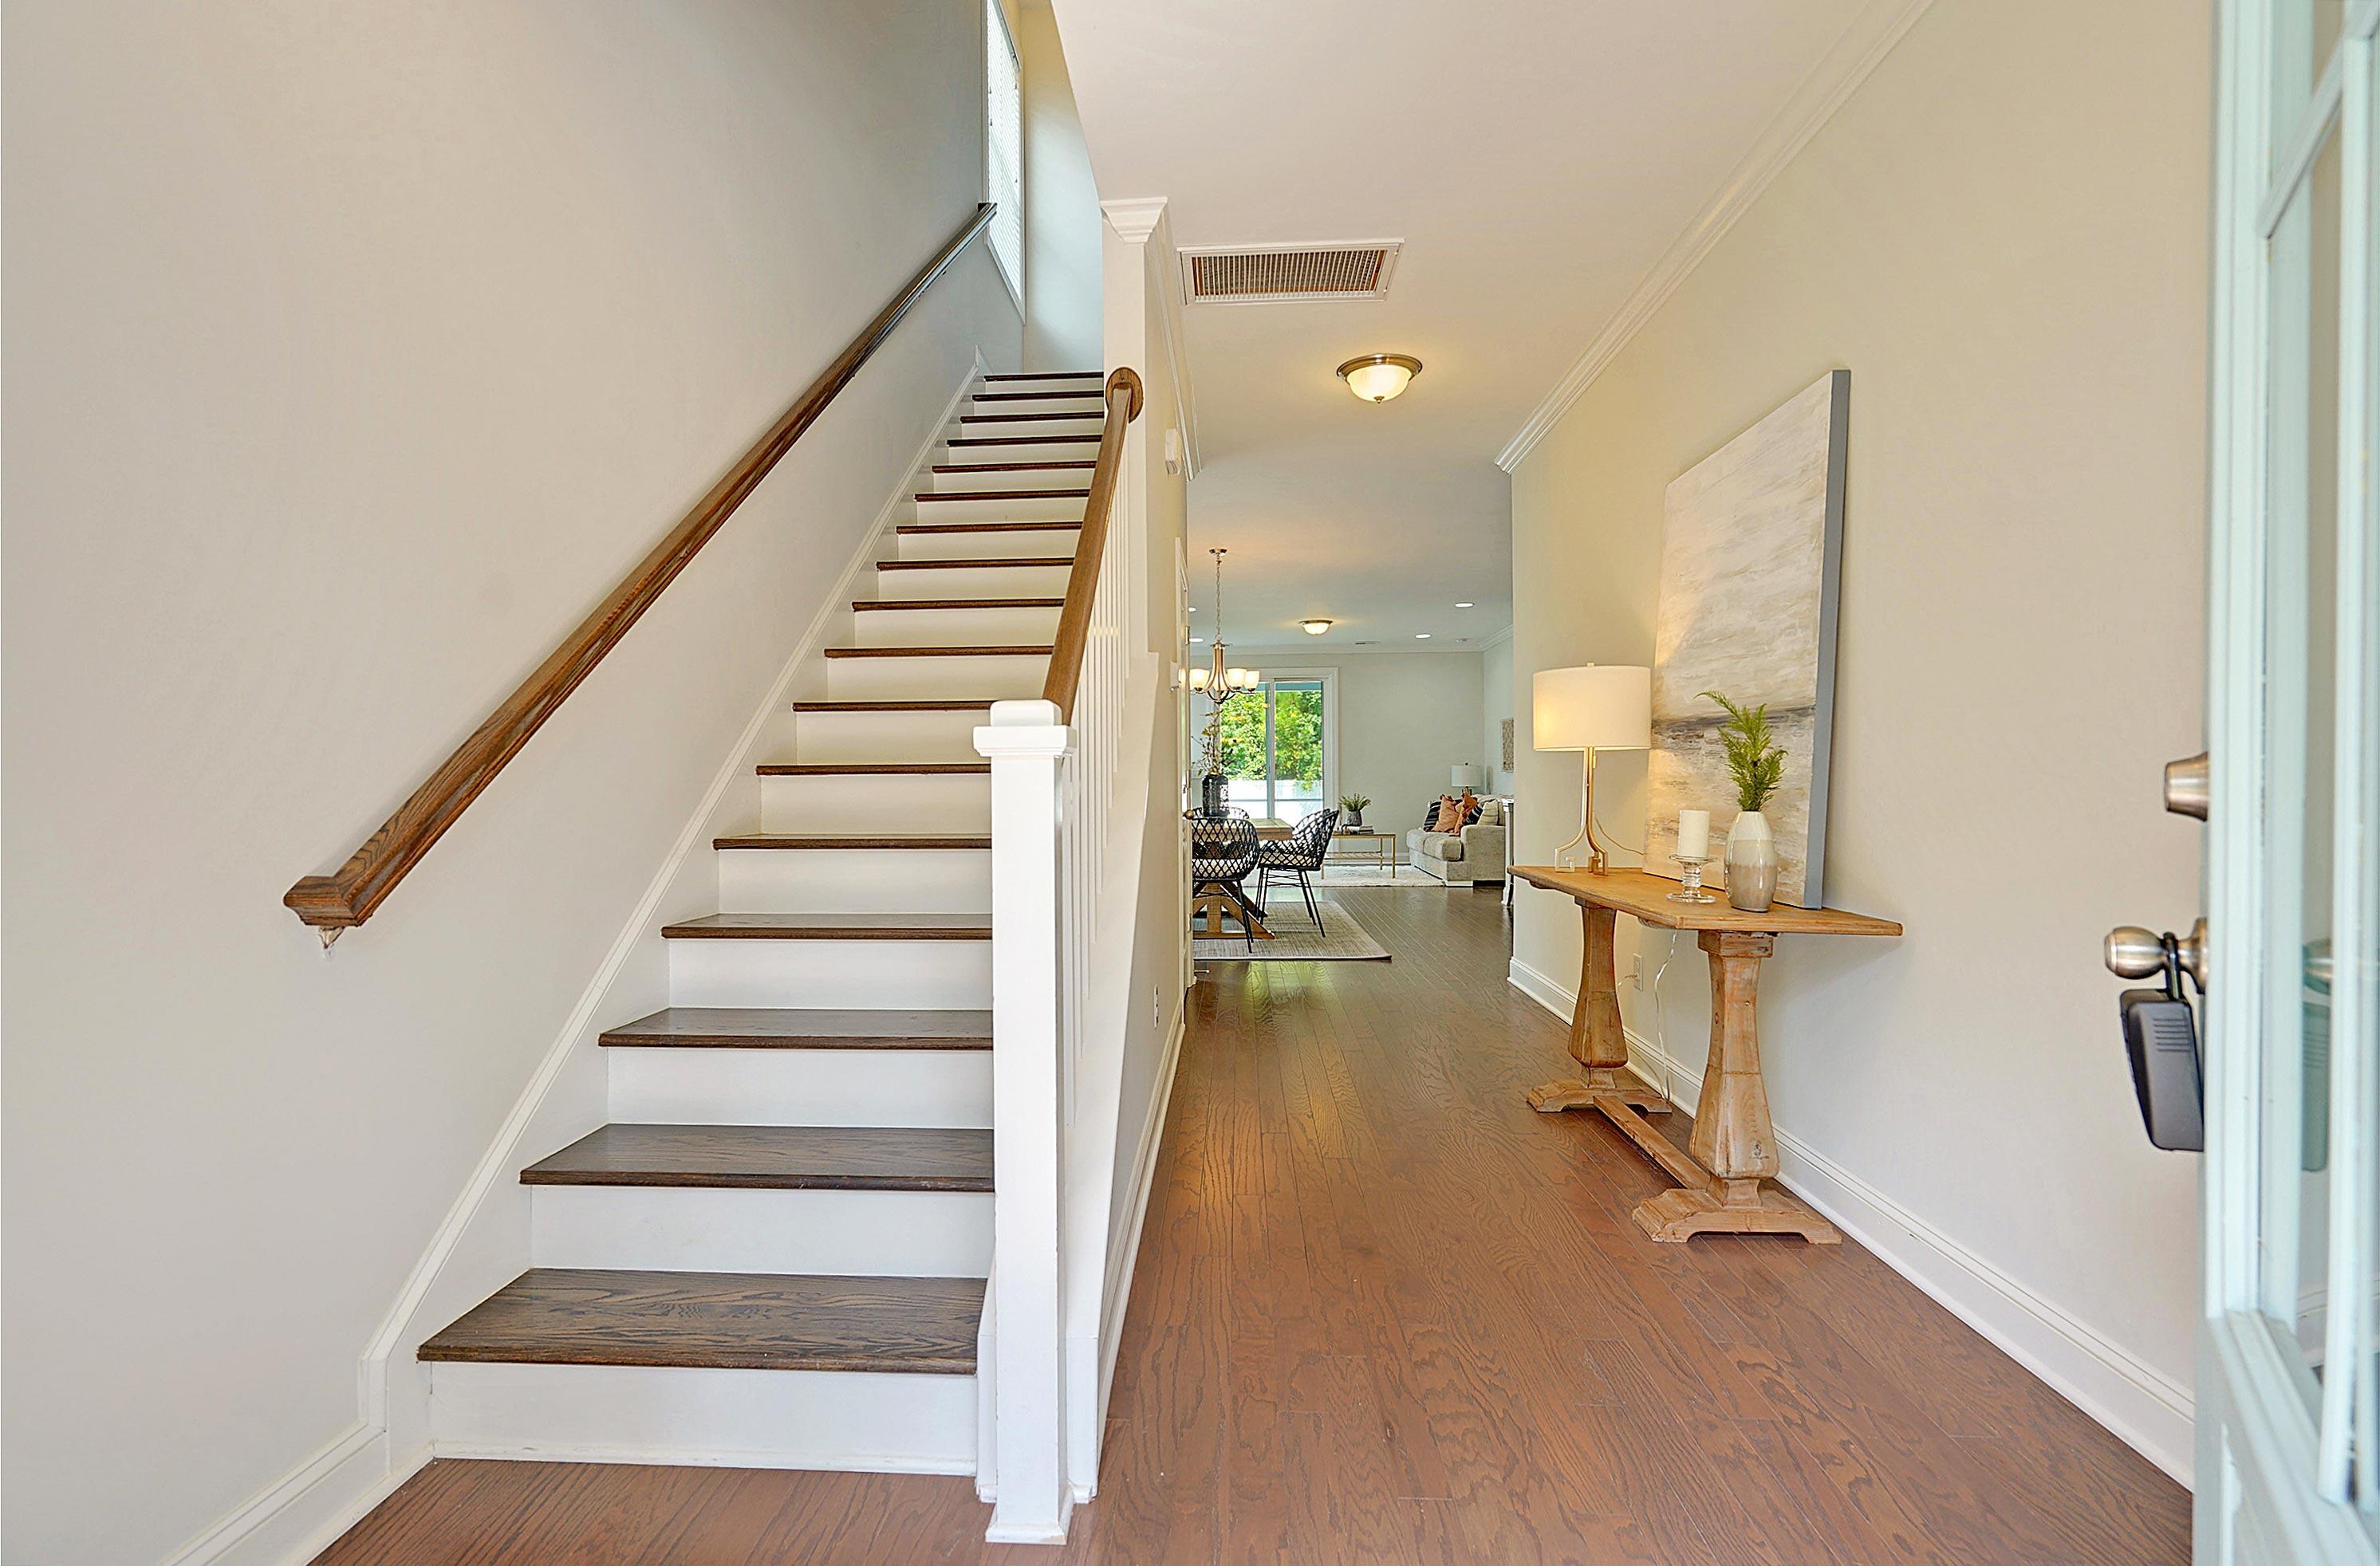 Park West Homes For Sale - 1638 Mermentau, Mount Pleasant, SC - 7